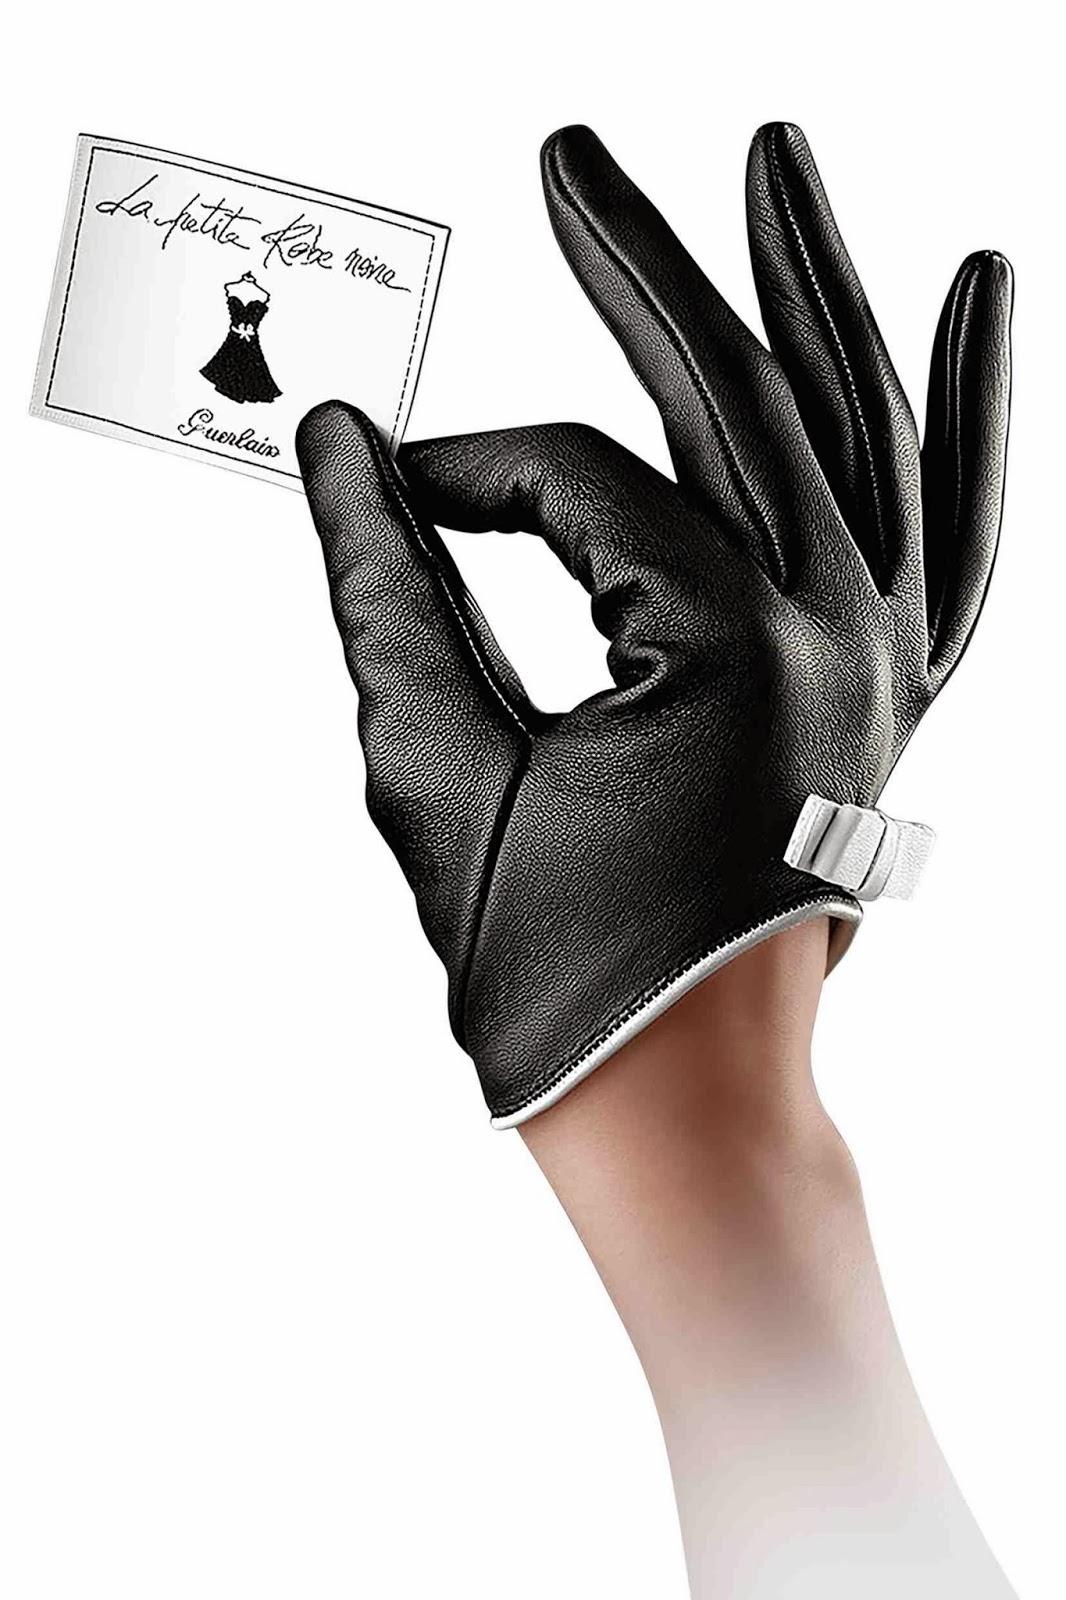 Miss glitzy les gants parfumes d 39 agnelle et guerlain - Petite robe noire guerlain ...